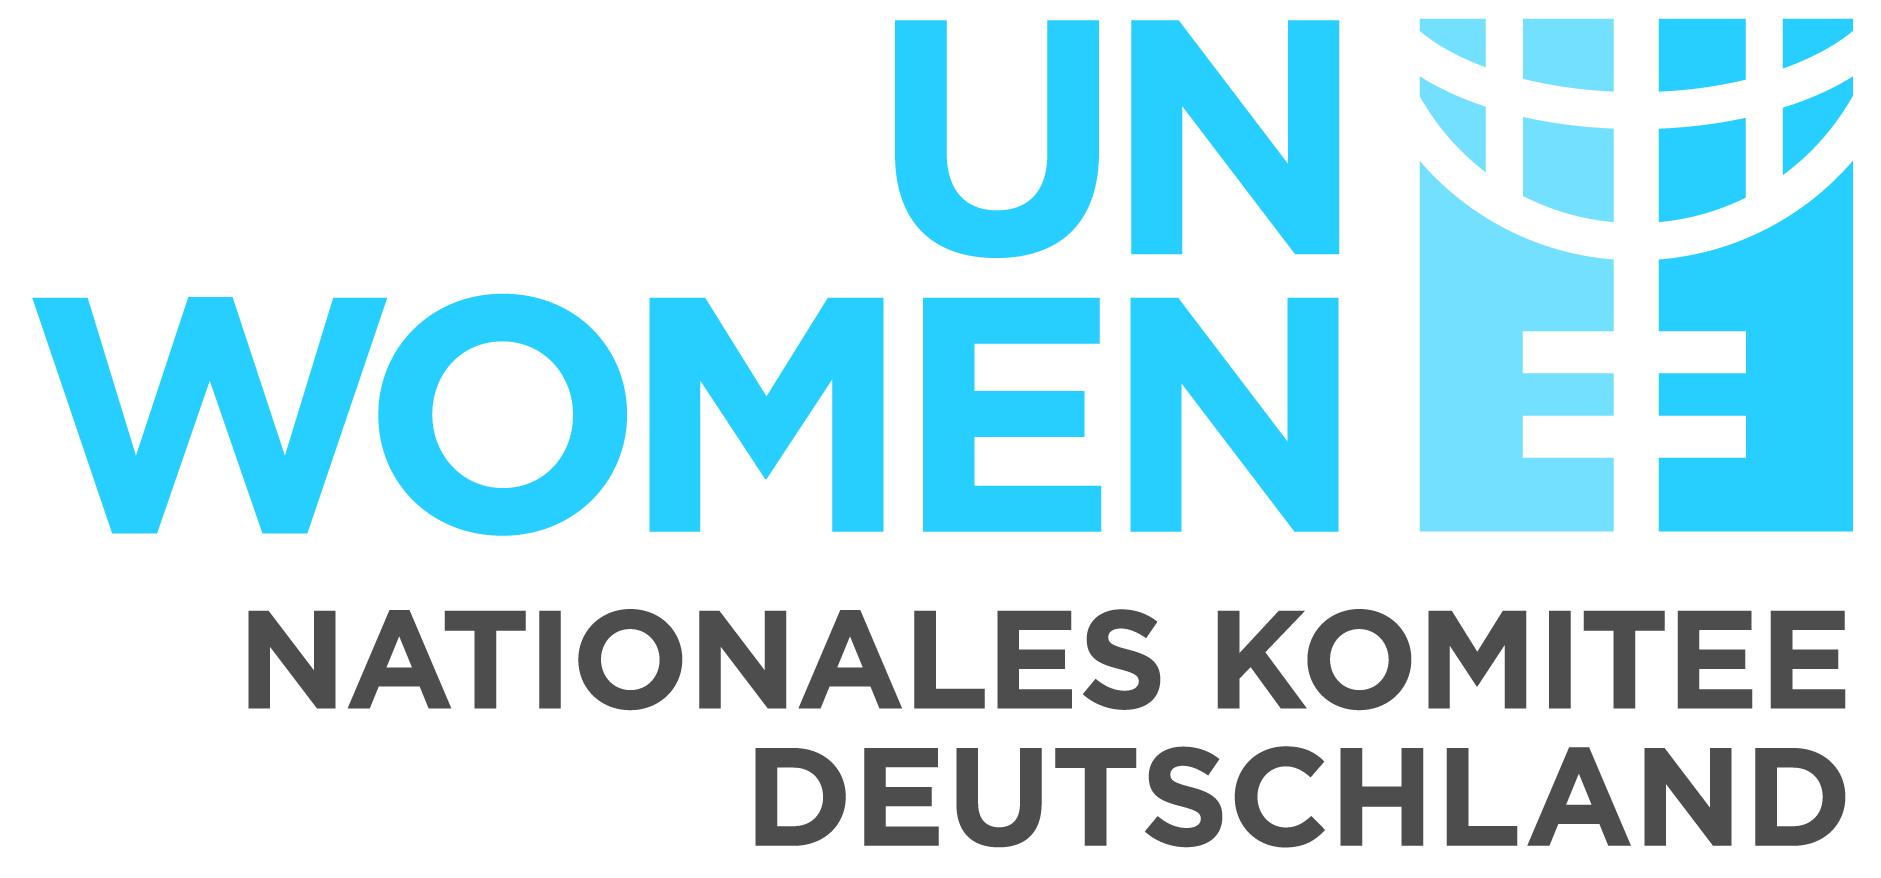 UN Women Nationales Komitee Deutschland e. V.-Logo